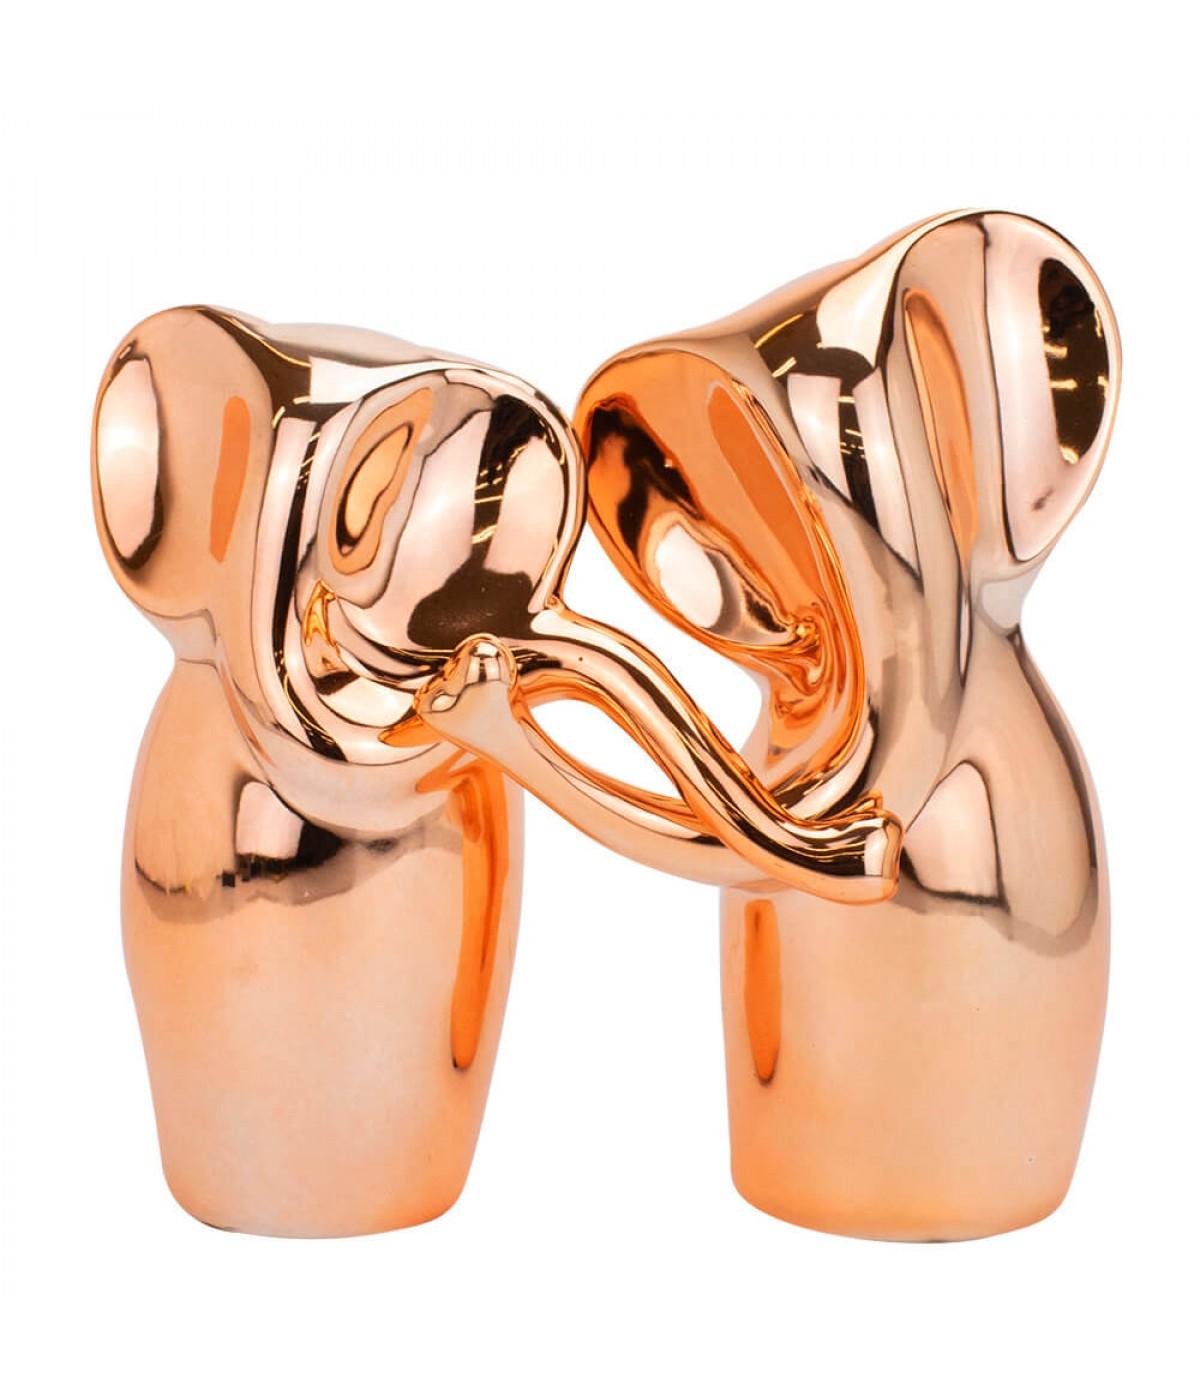 Jogo 2 Elefantes Rosê Trompas Entrelaçadas Cerâmica 19cm e 17cm